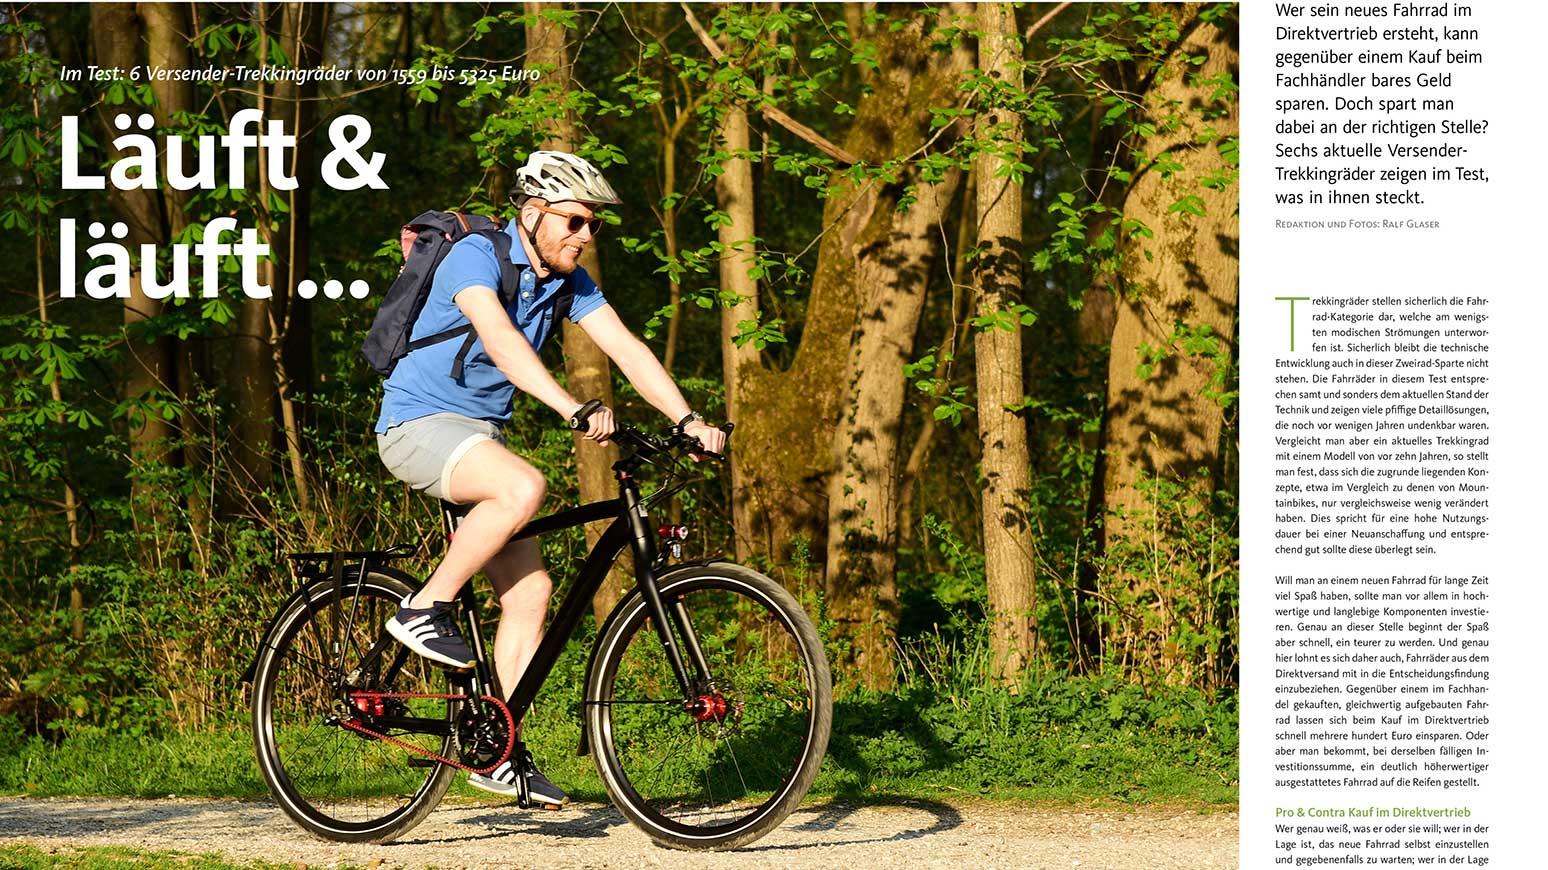 Fahrräder aus dem Online-Versand: Was taugen sie?